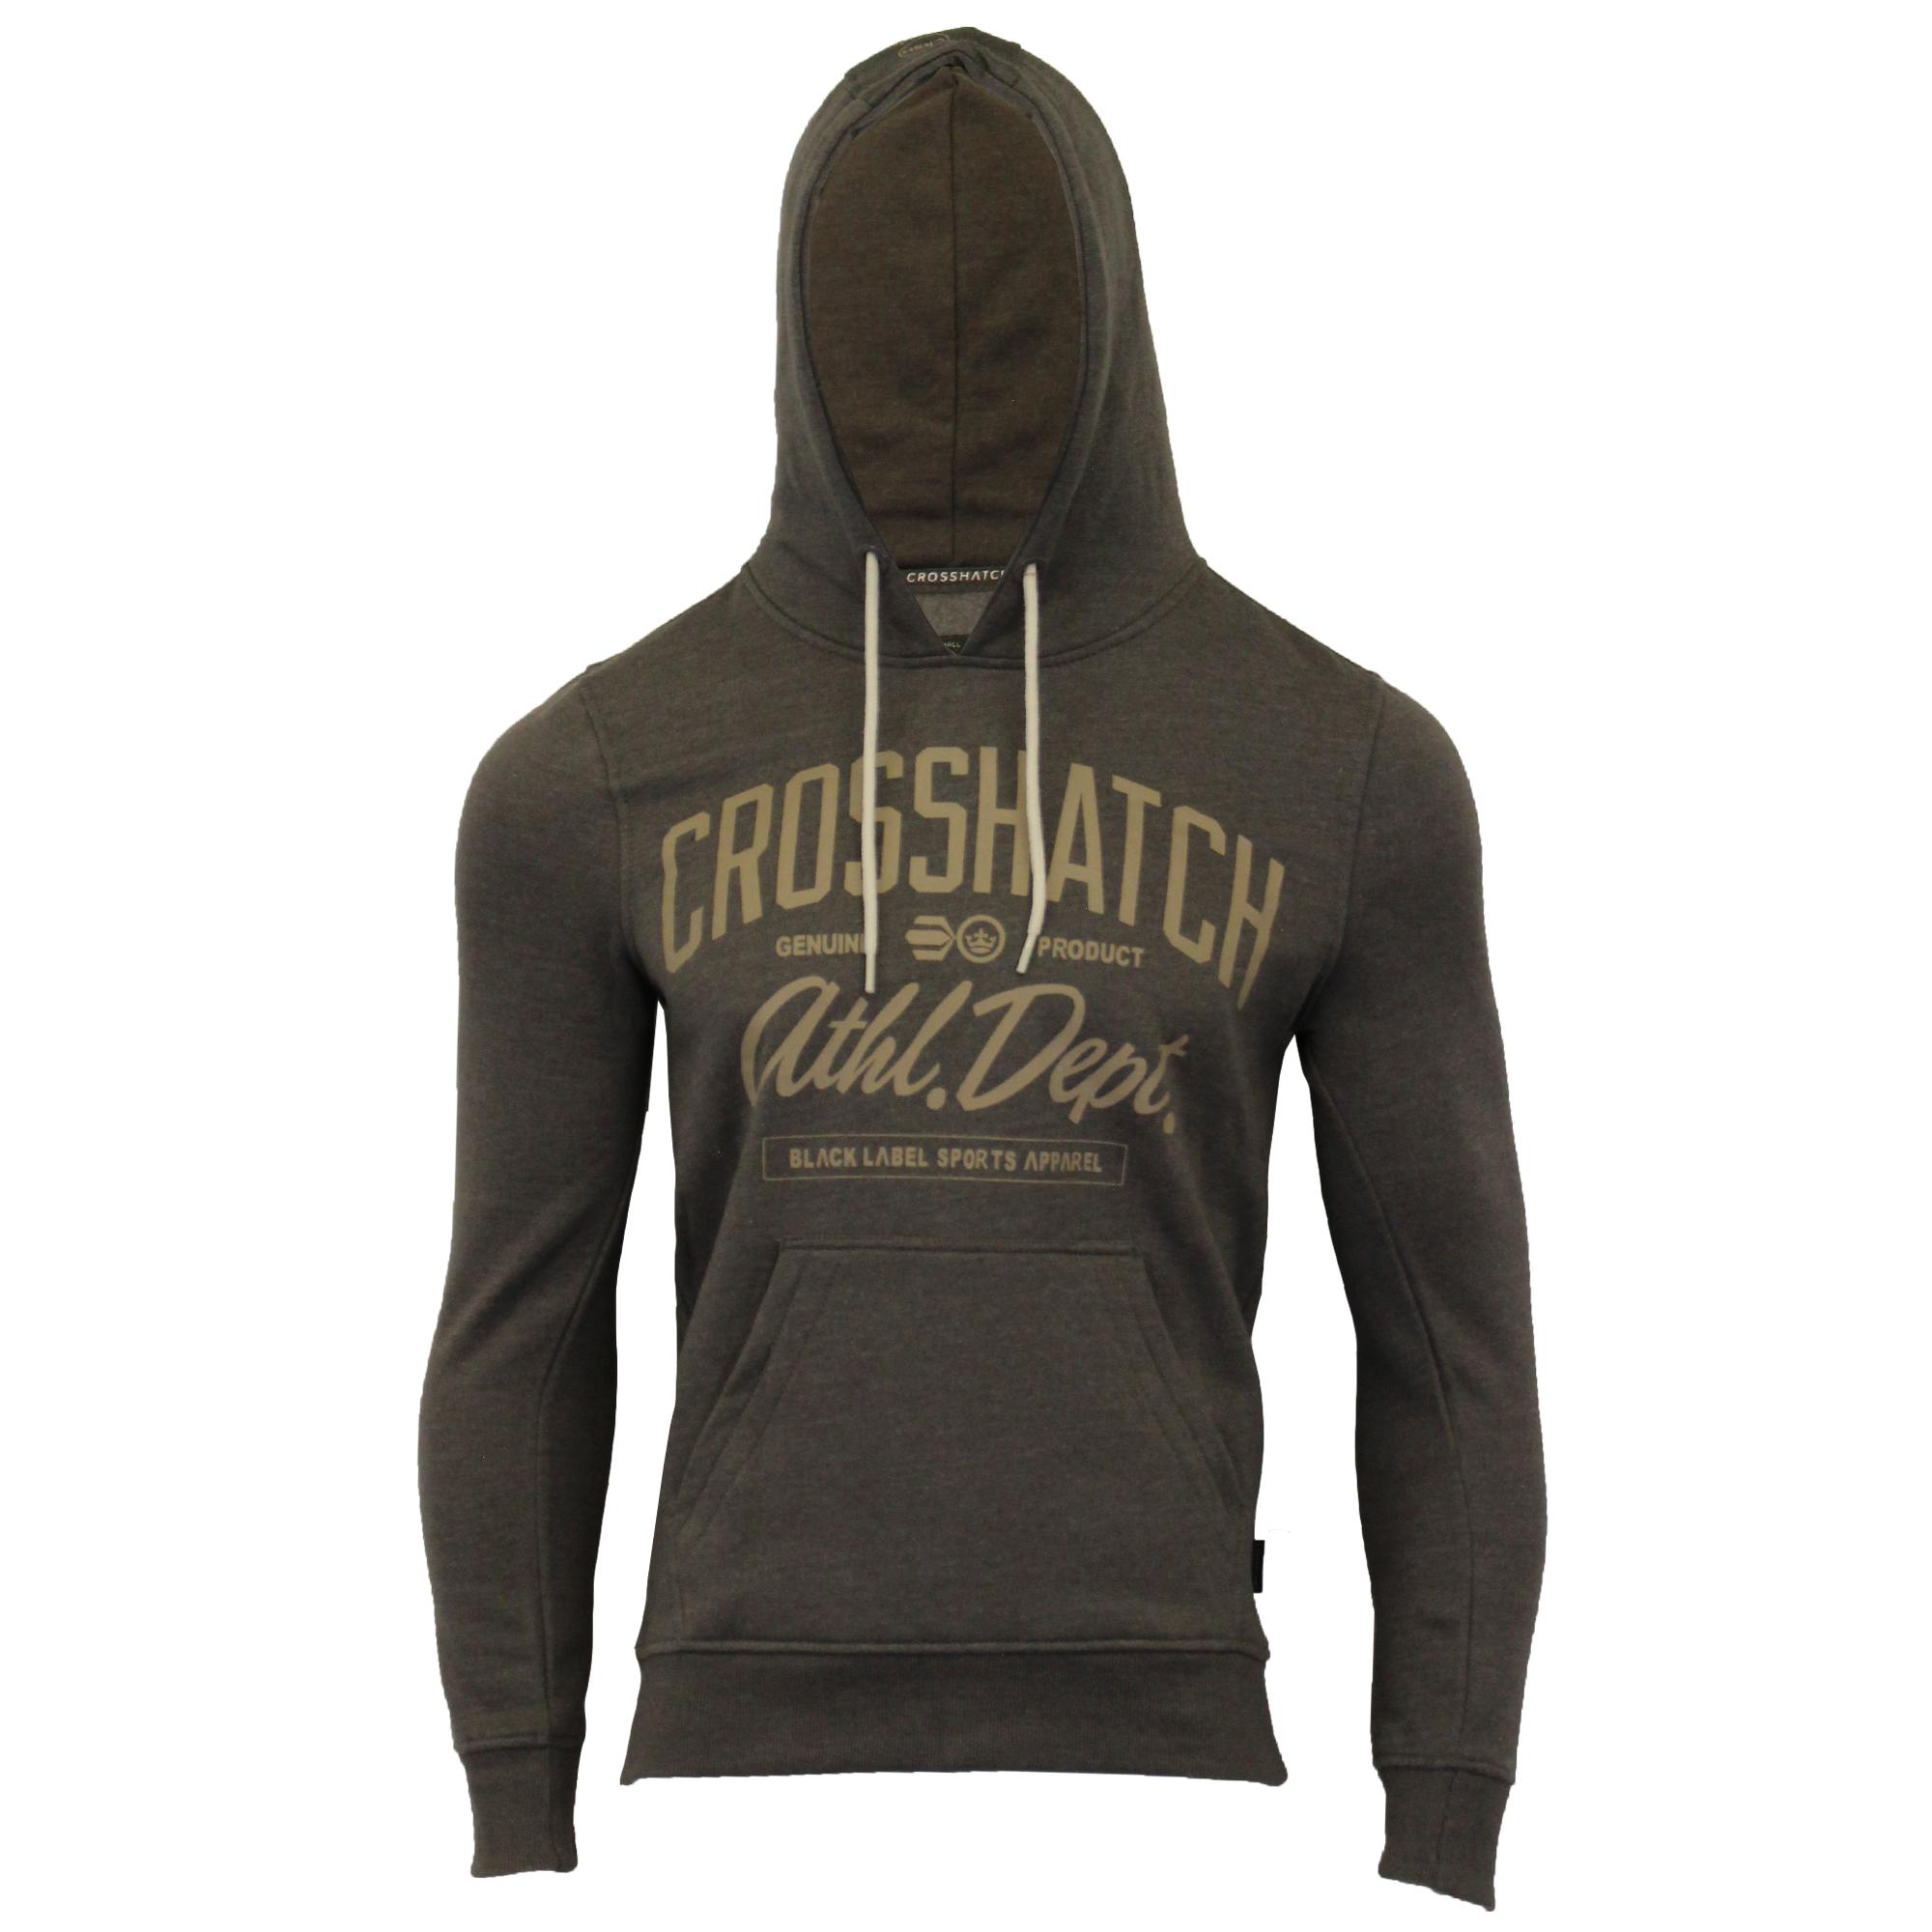 Mens-Sweatshirt-Crosshatch-Over-The-Head-Hoodie-Printed-Zip-Pullover-Top-Fleece thumbnail 3